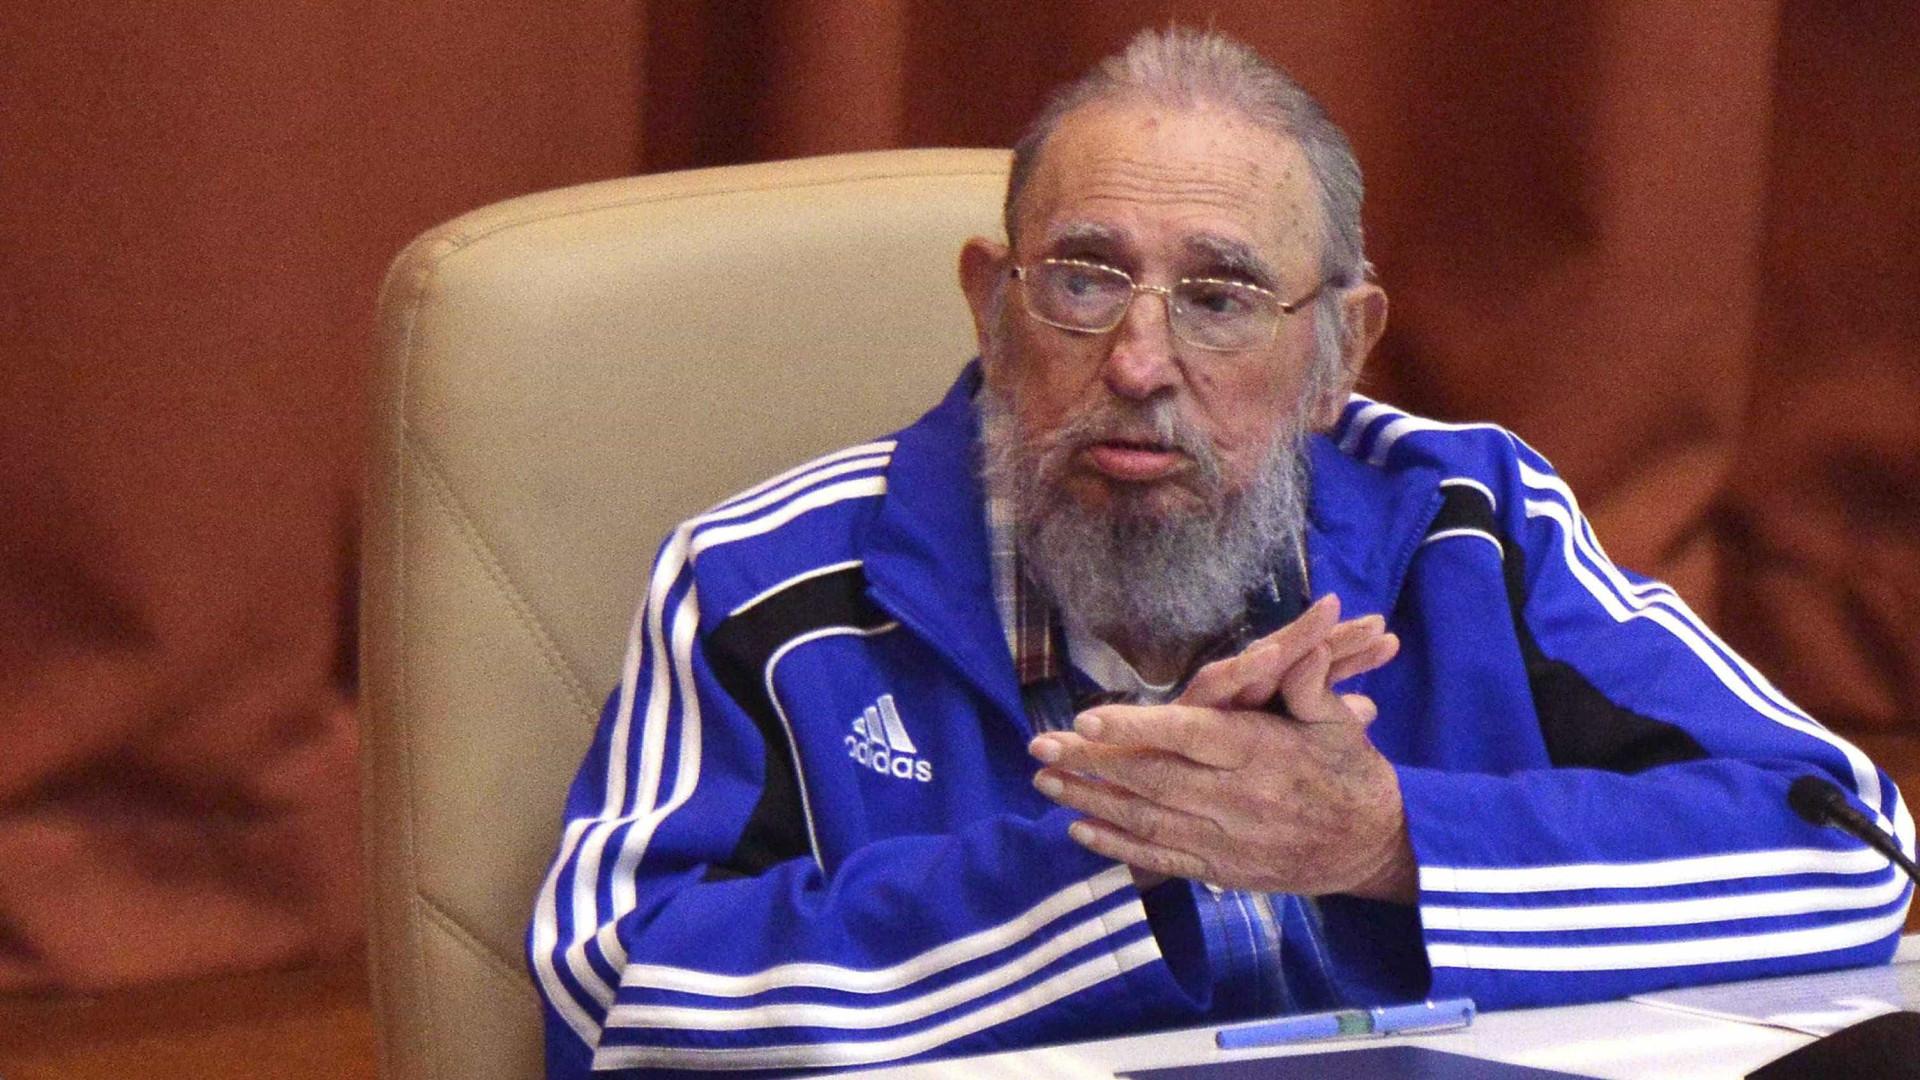 Fidel e Adidas: o gosto capitalista do líder cubano